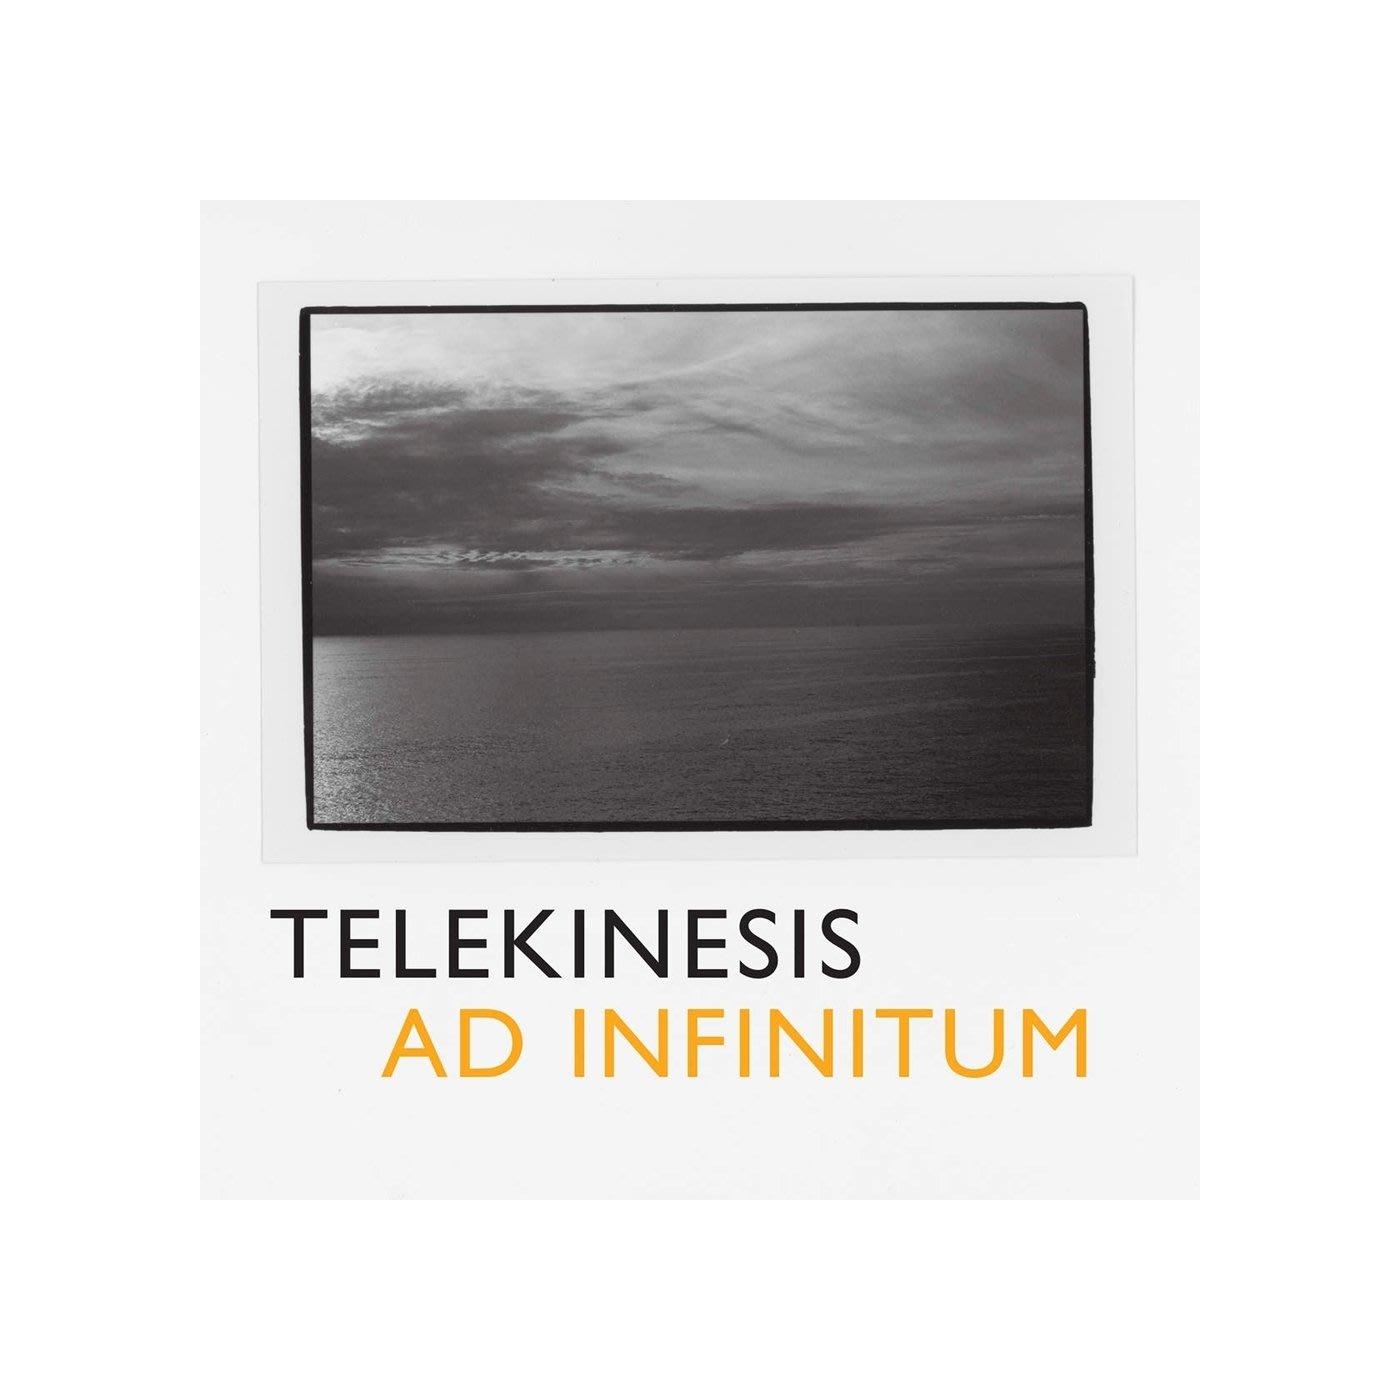 現貨 全新未拆 Telekinesis 心靈傳動樂團 AD Infinitum 無窮無盡 進口專輯 CD 獨立 電氣鬼才